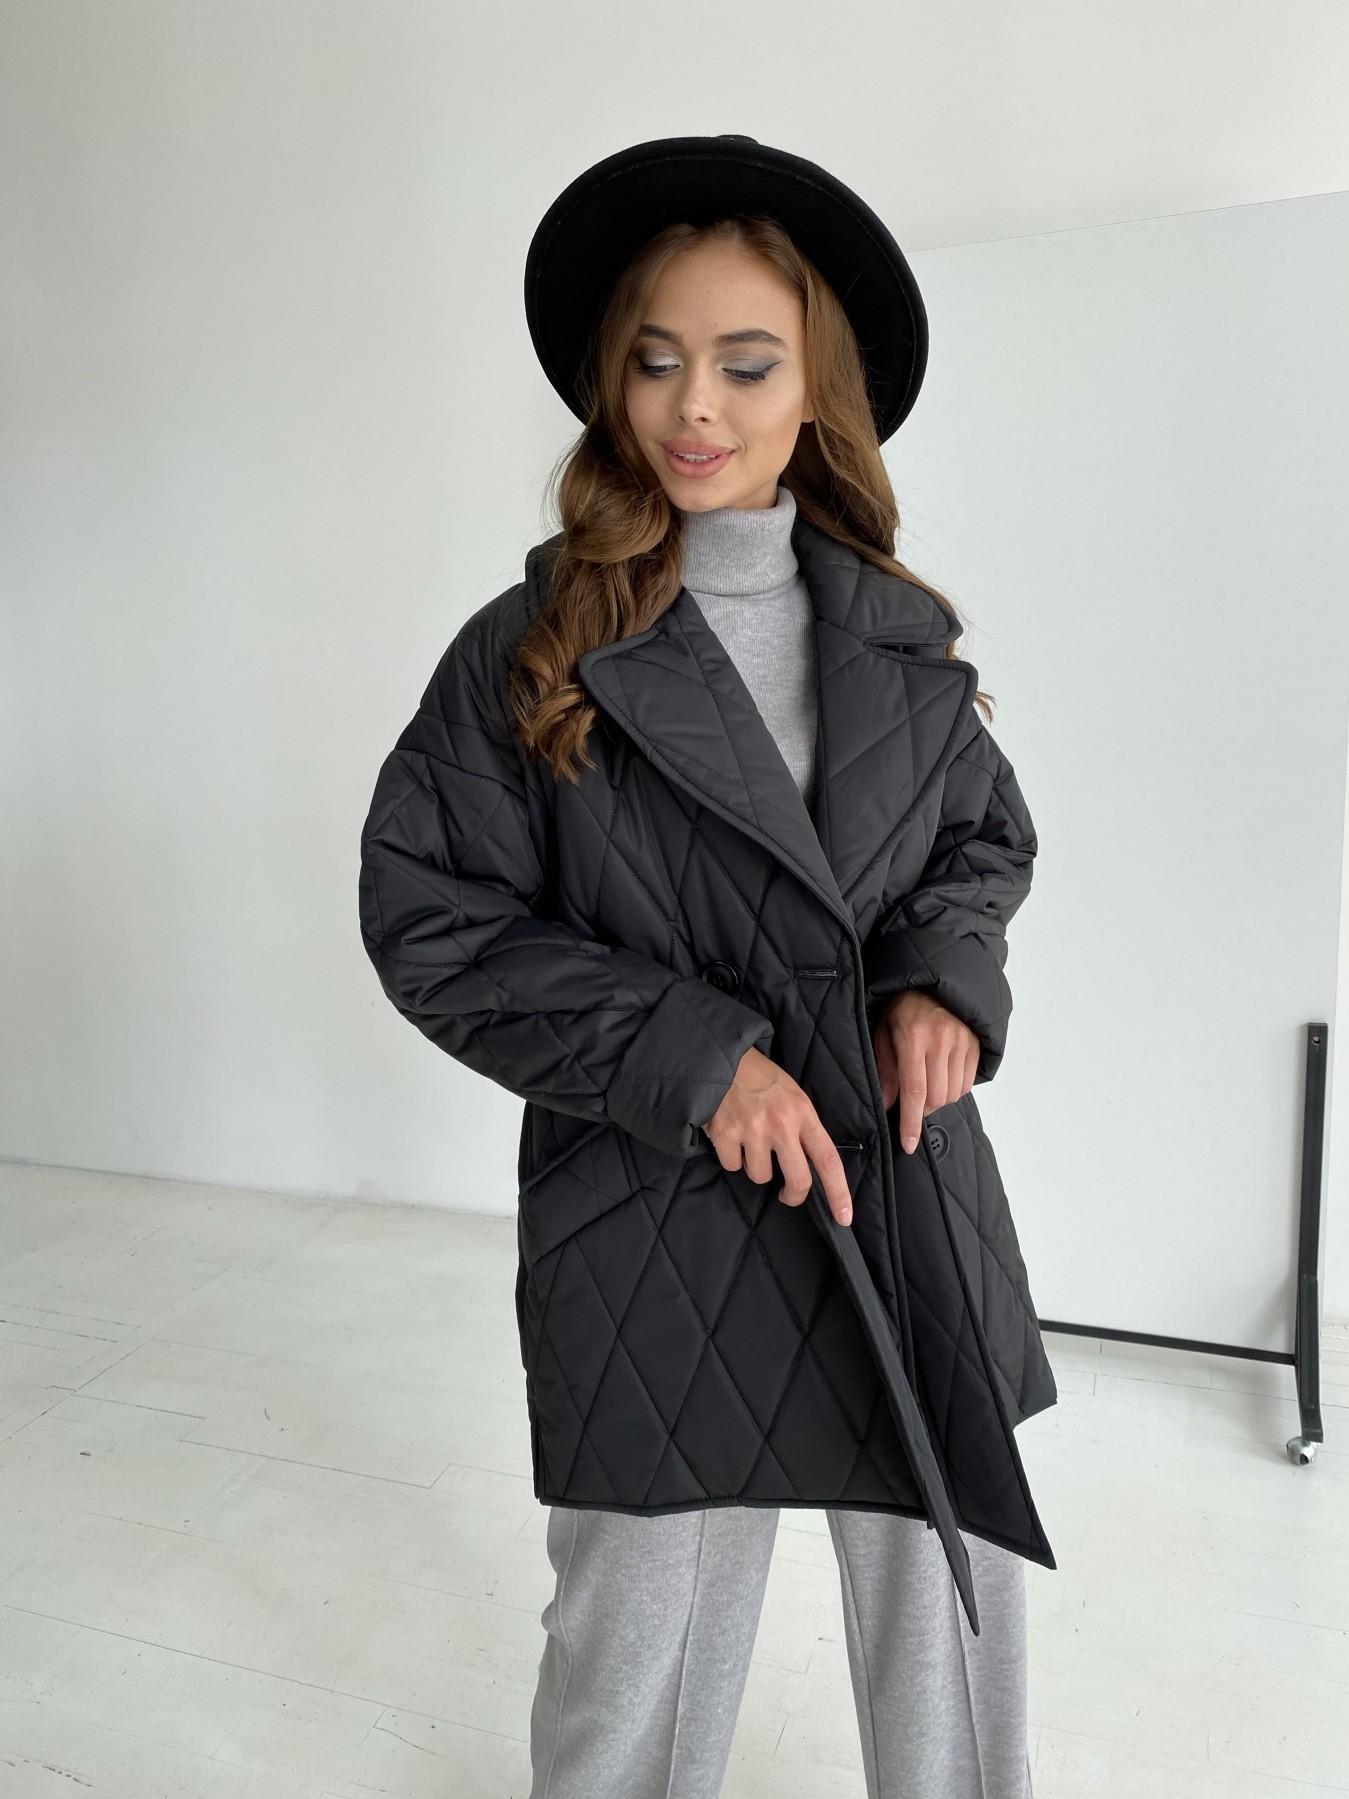 Норд стеганая куртка из плащеки 11770  АРТ. 48512 Цвет: Черный - фото 6, интернет магазин tm-modus.ru